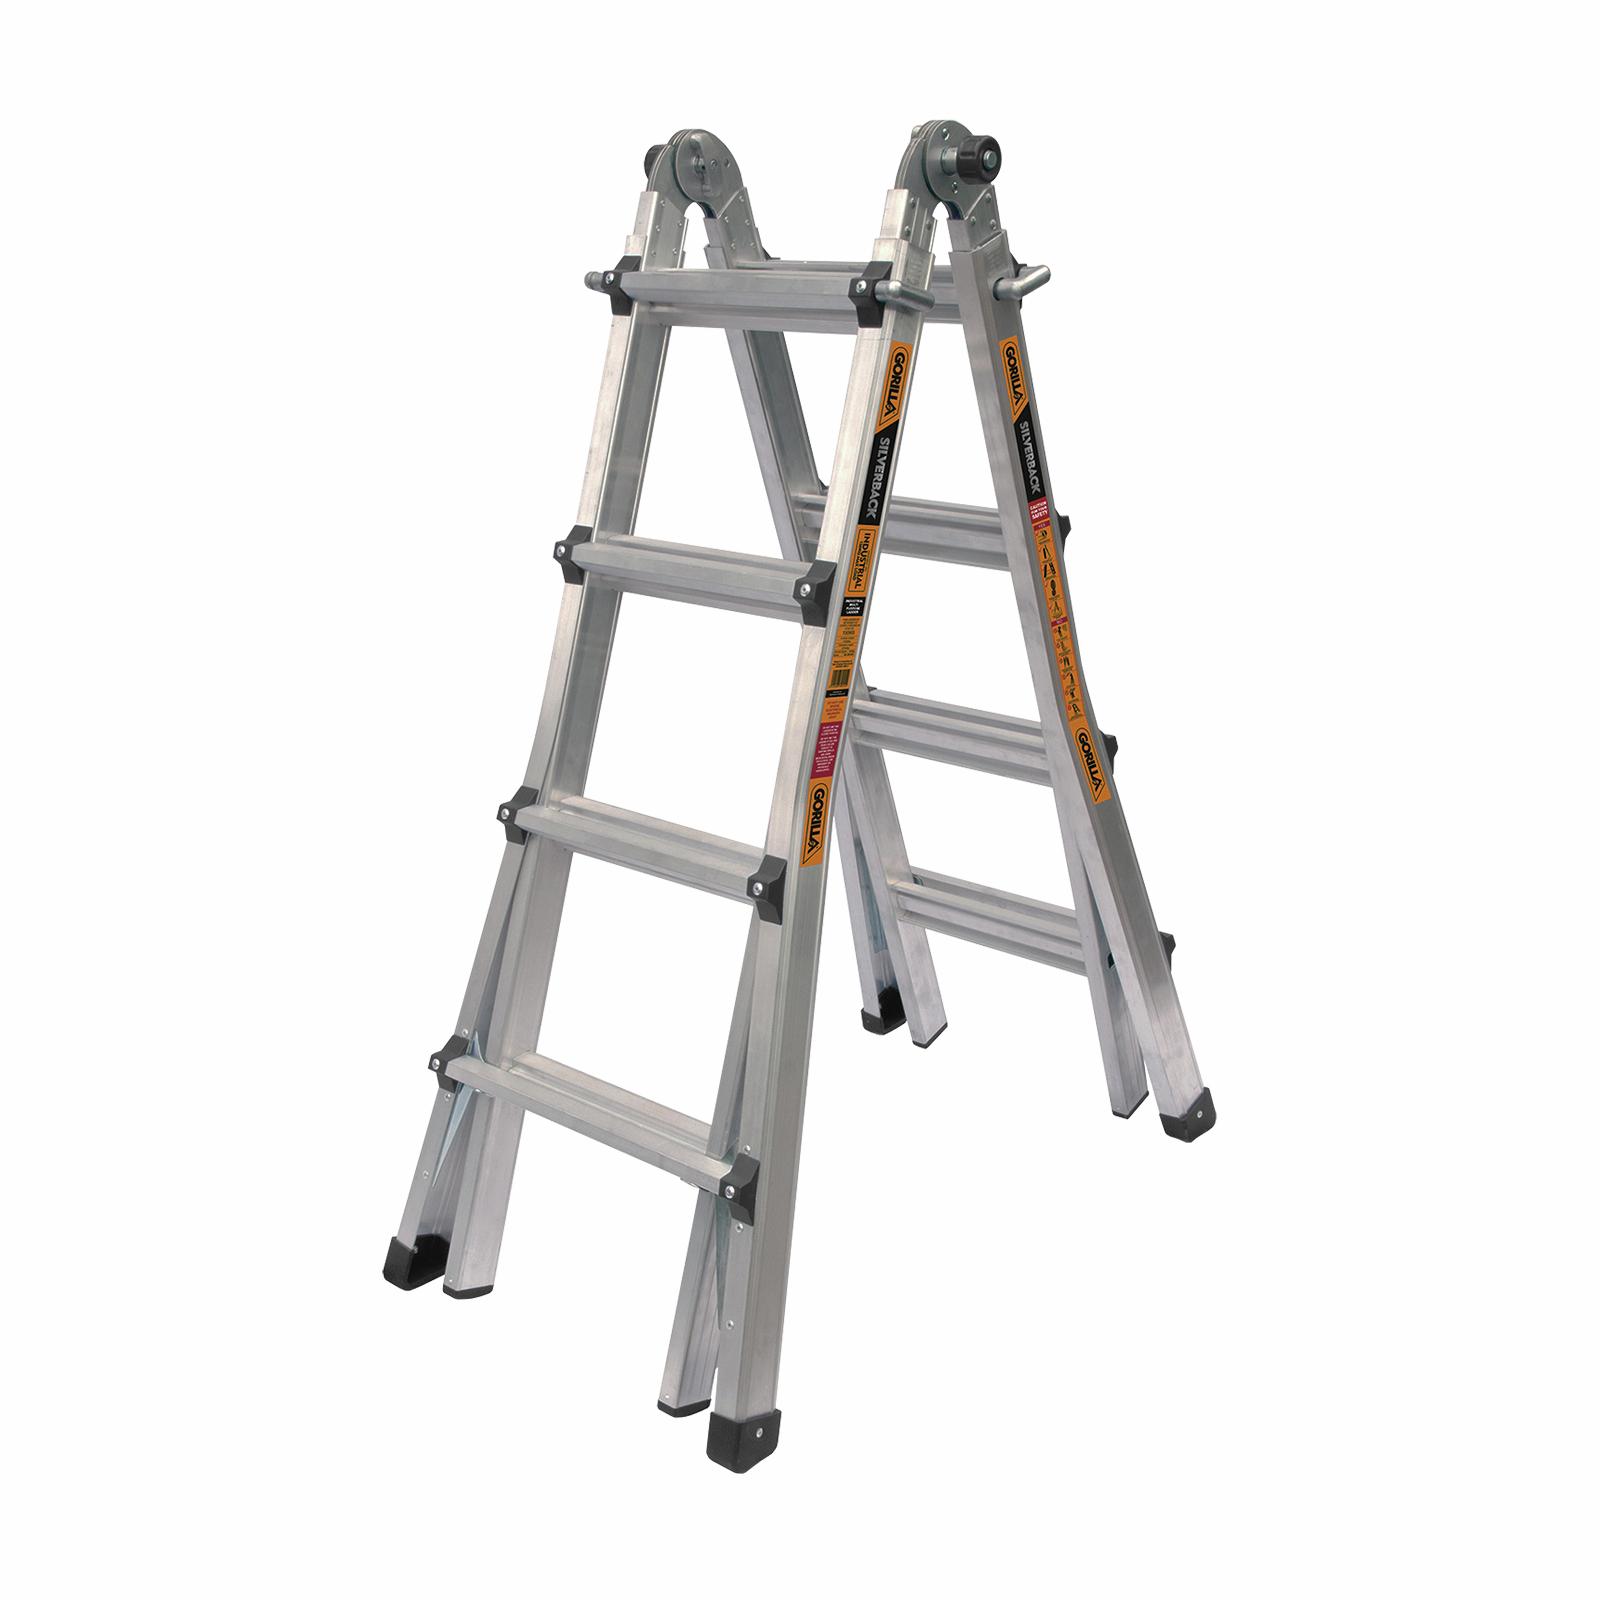 Gorilla Silverback 15 Multi Purpose Ladder